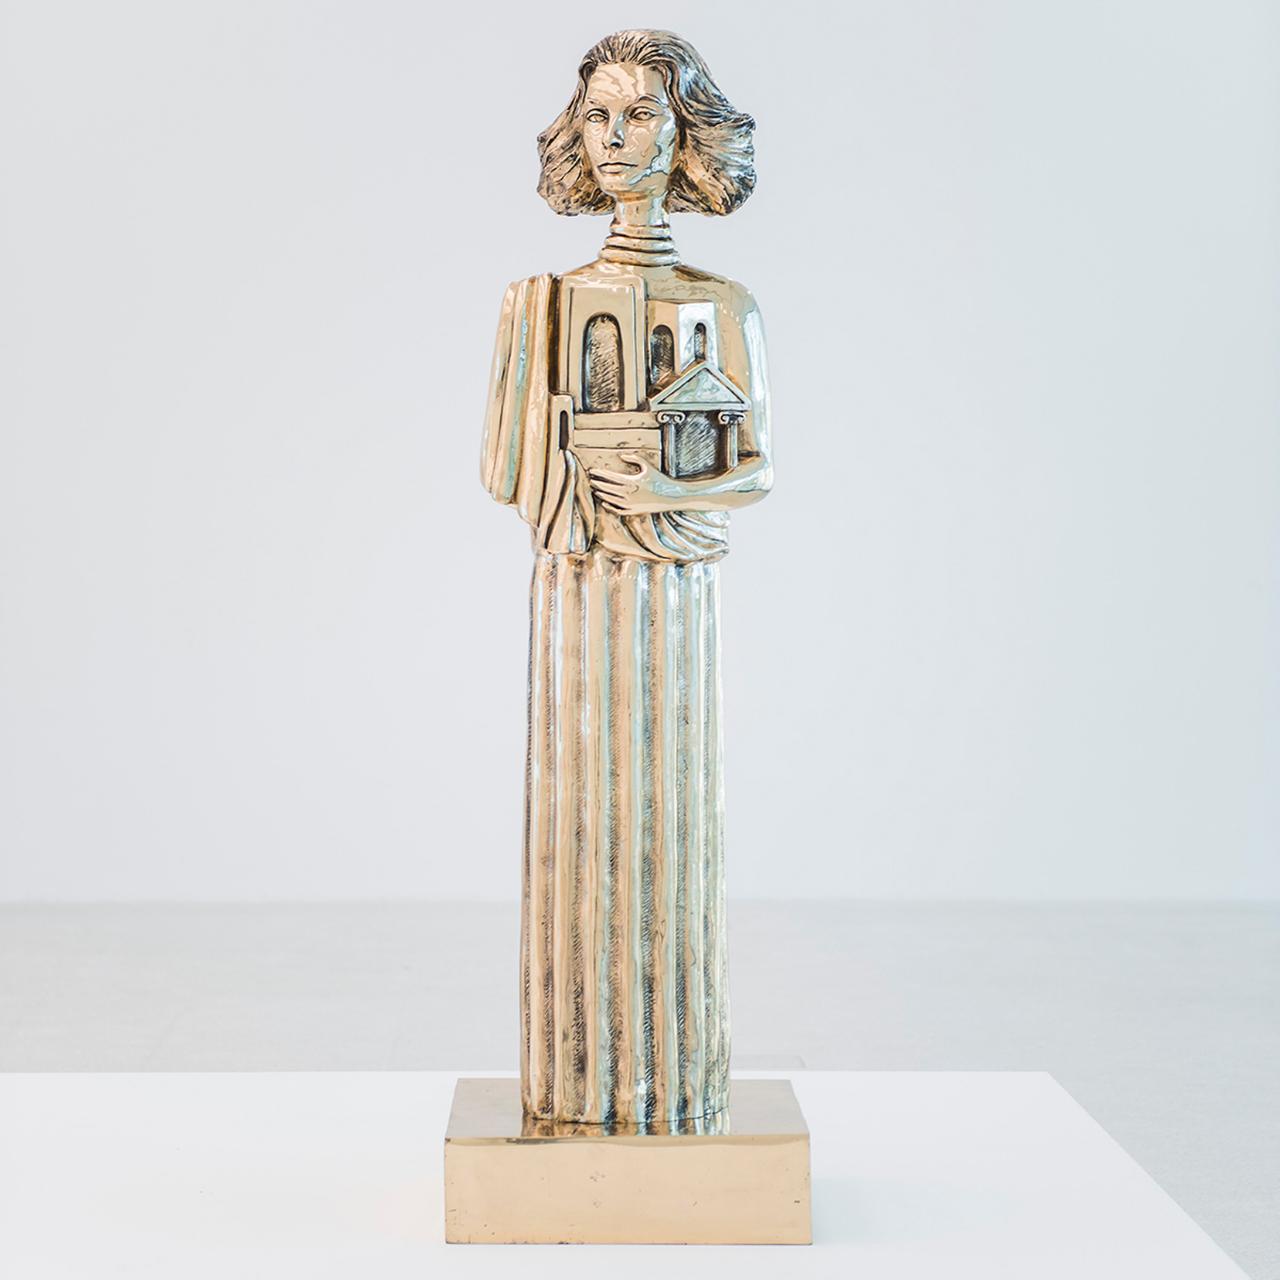 Palcoscenici Archeologici. Interventi curatoriali di Francesco Vezzoli | Fondazione Brescia Musei